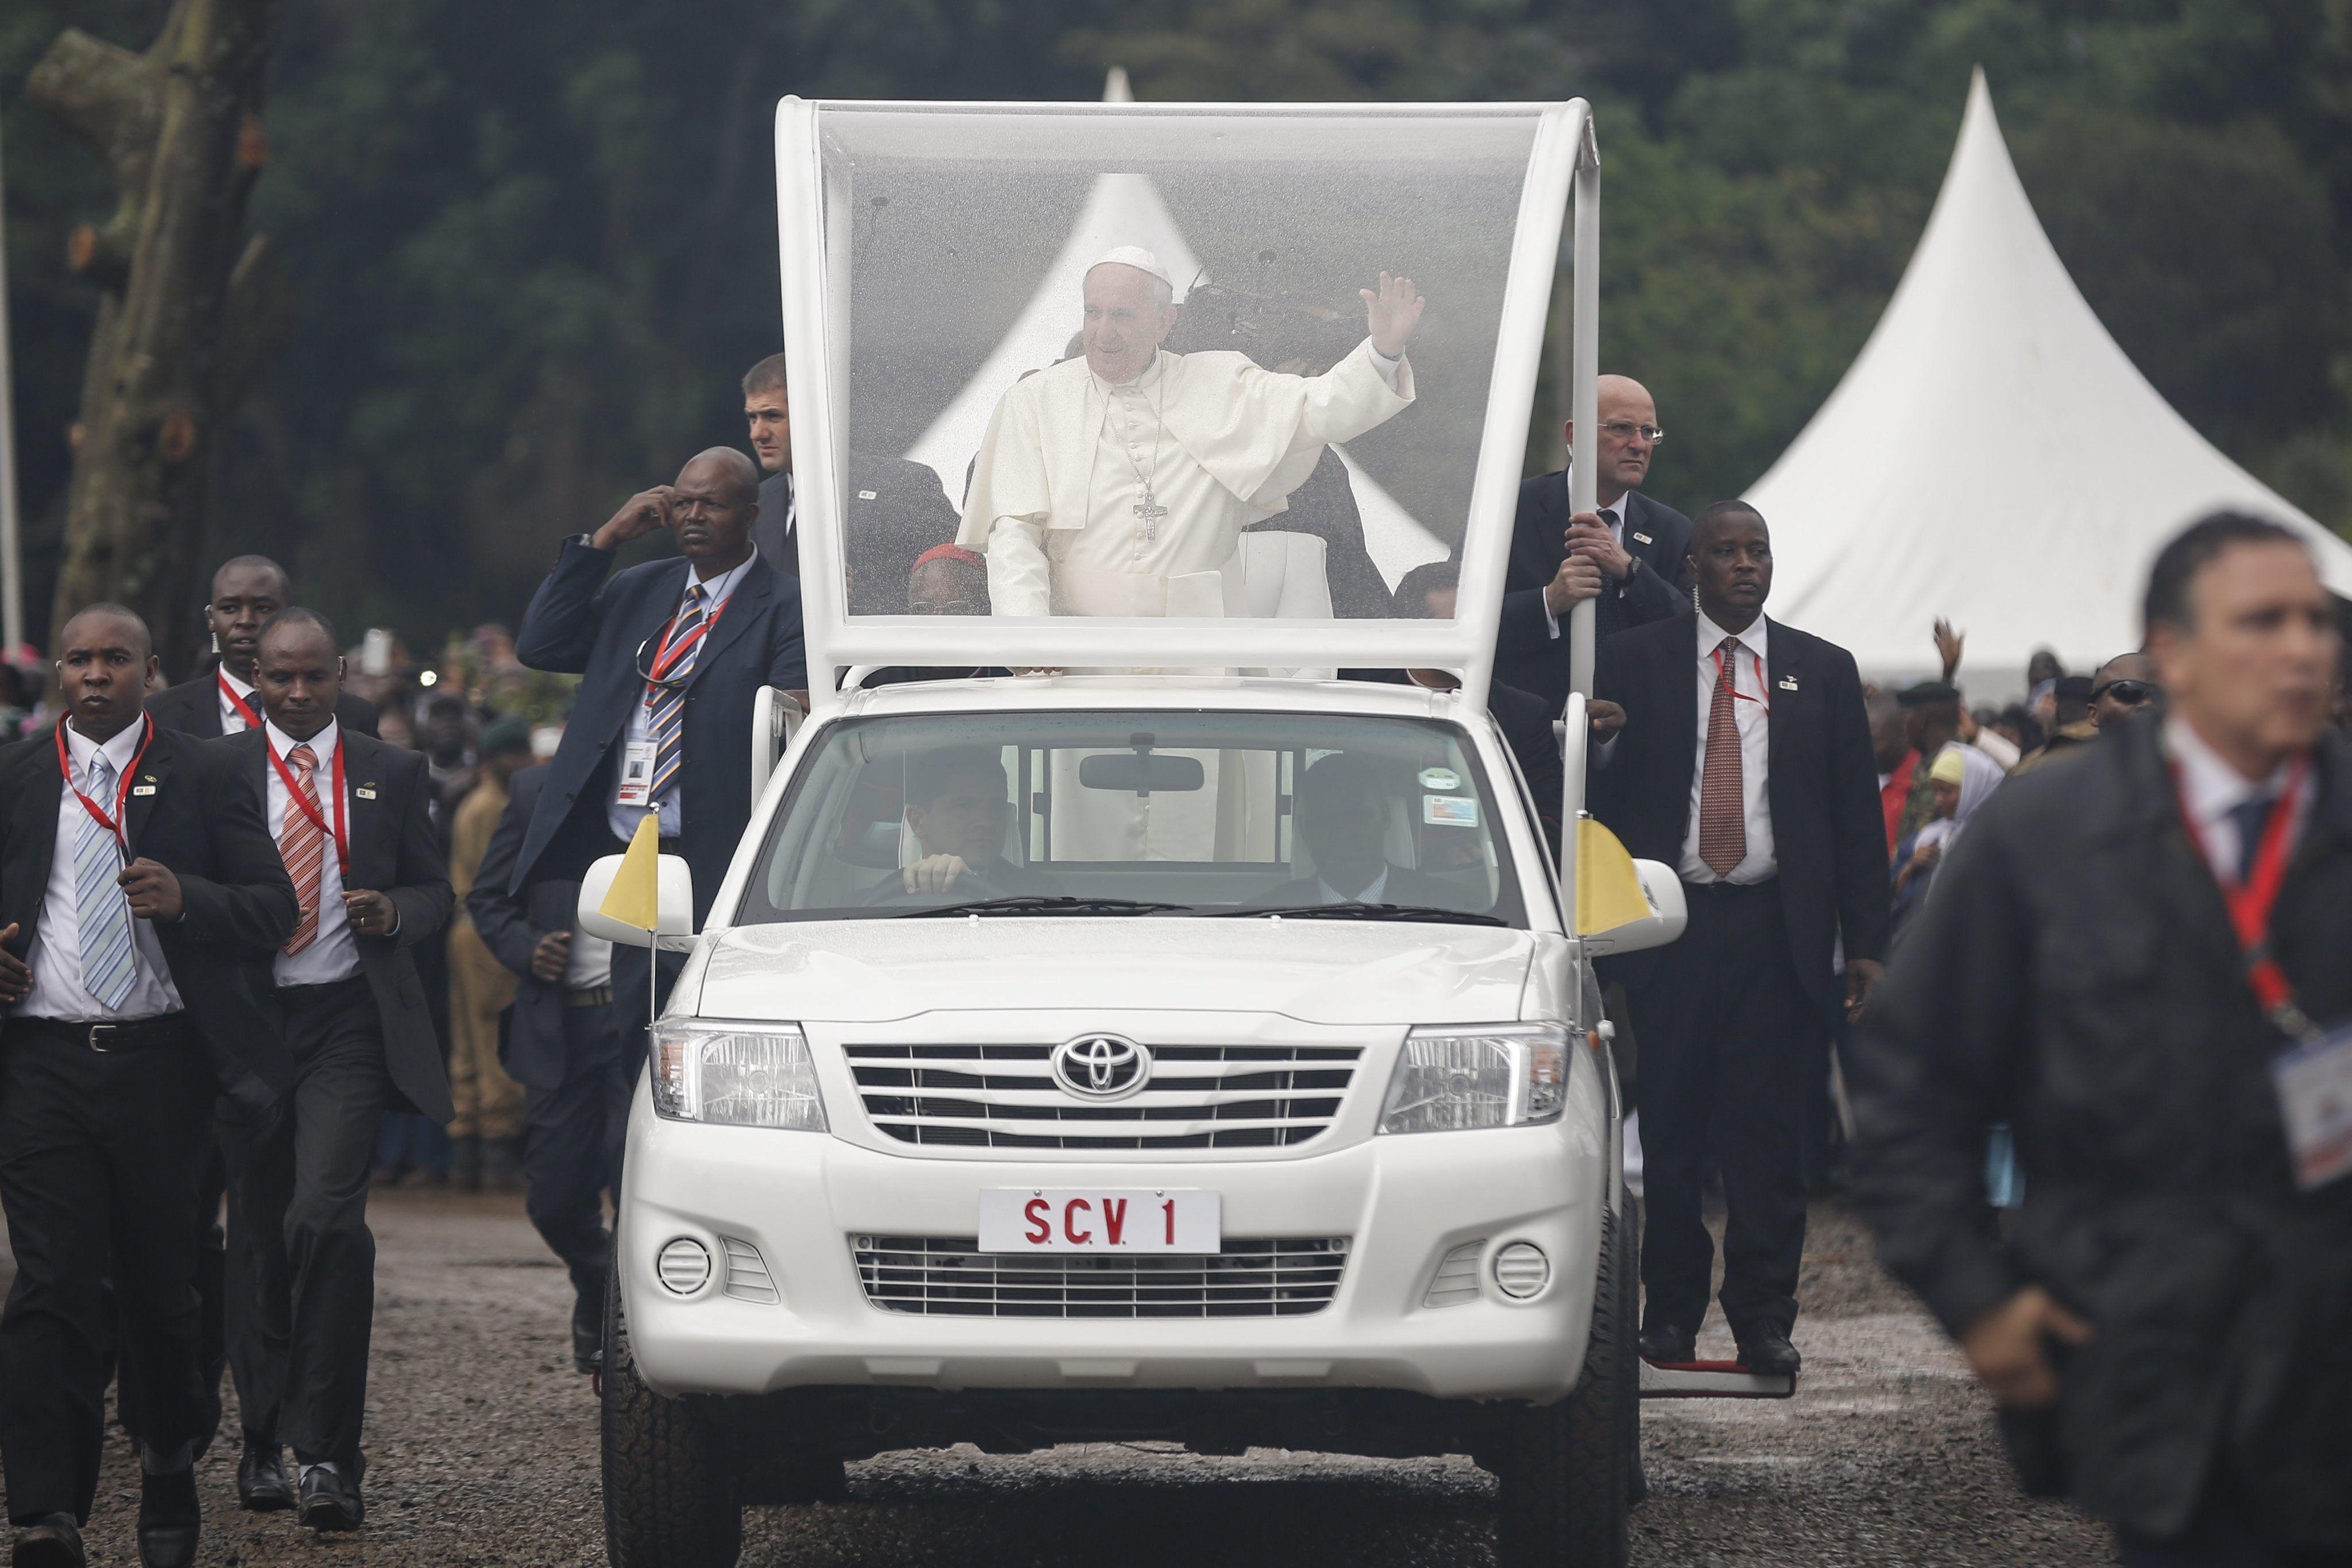 Mirá el encuentro del Papa con los jóvenes en Kenia